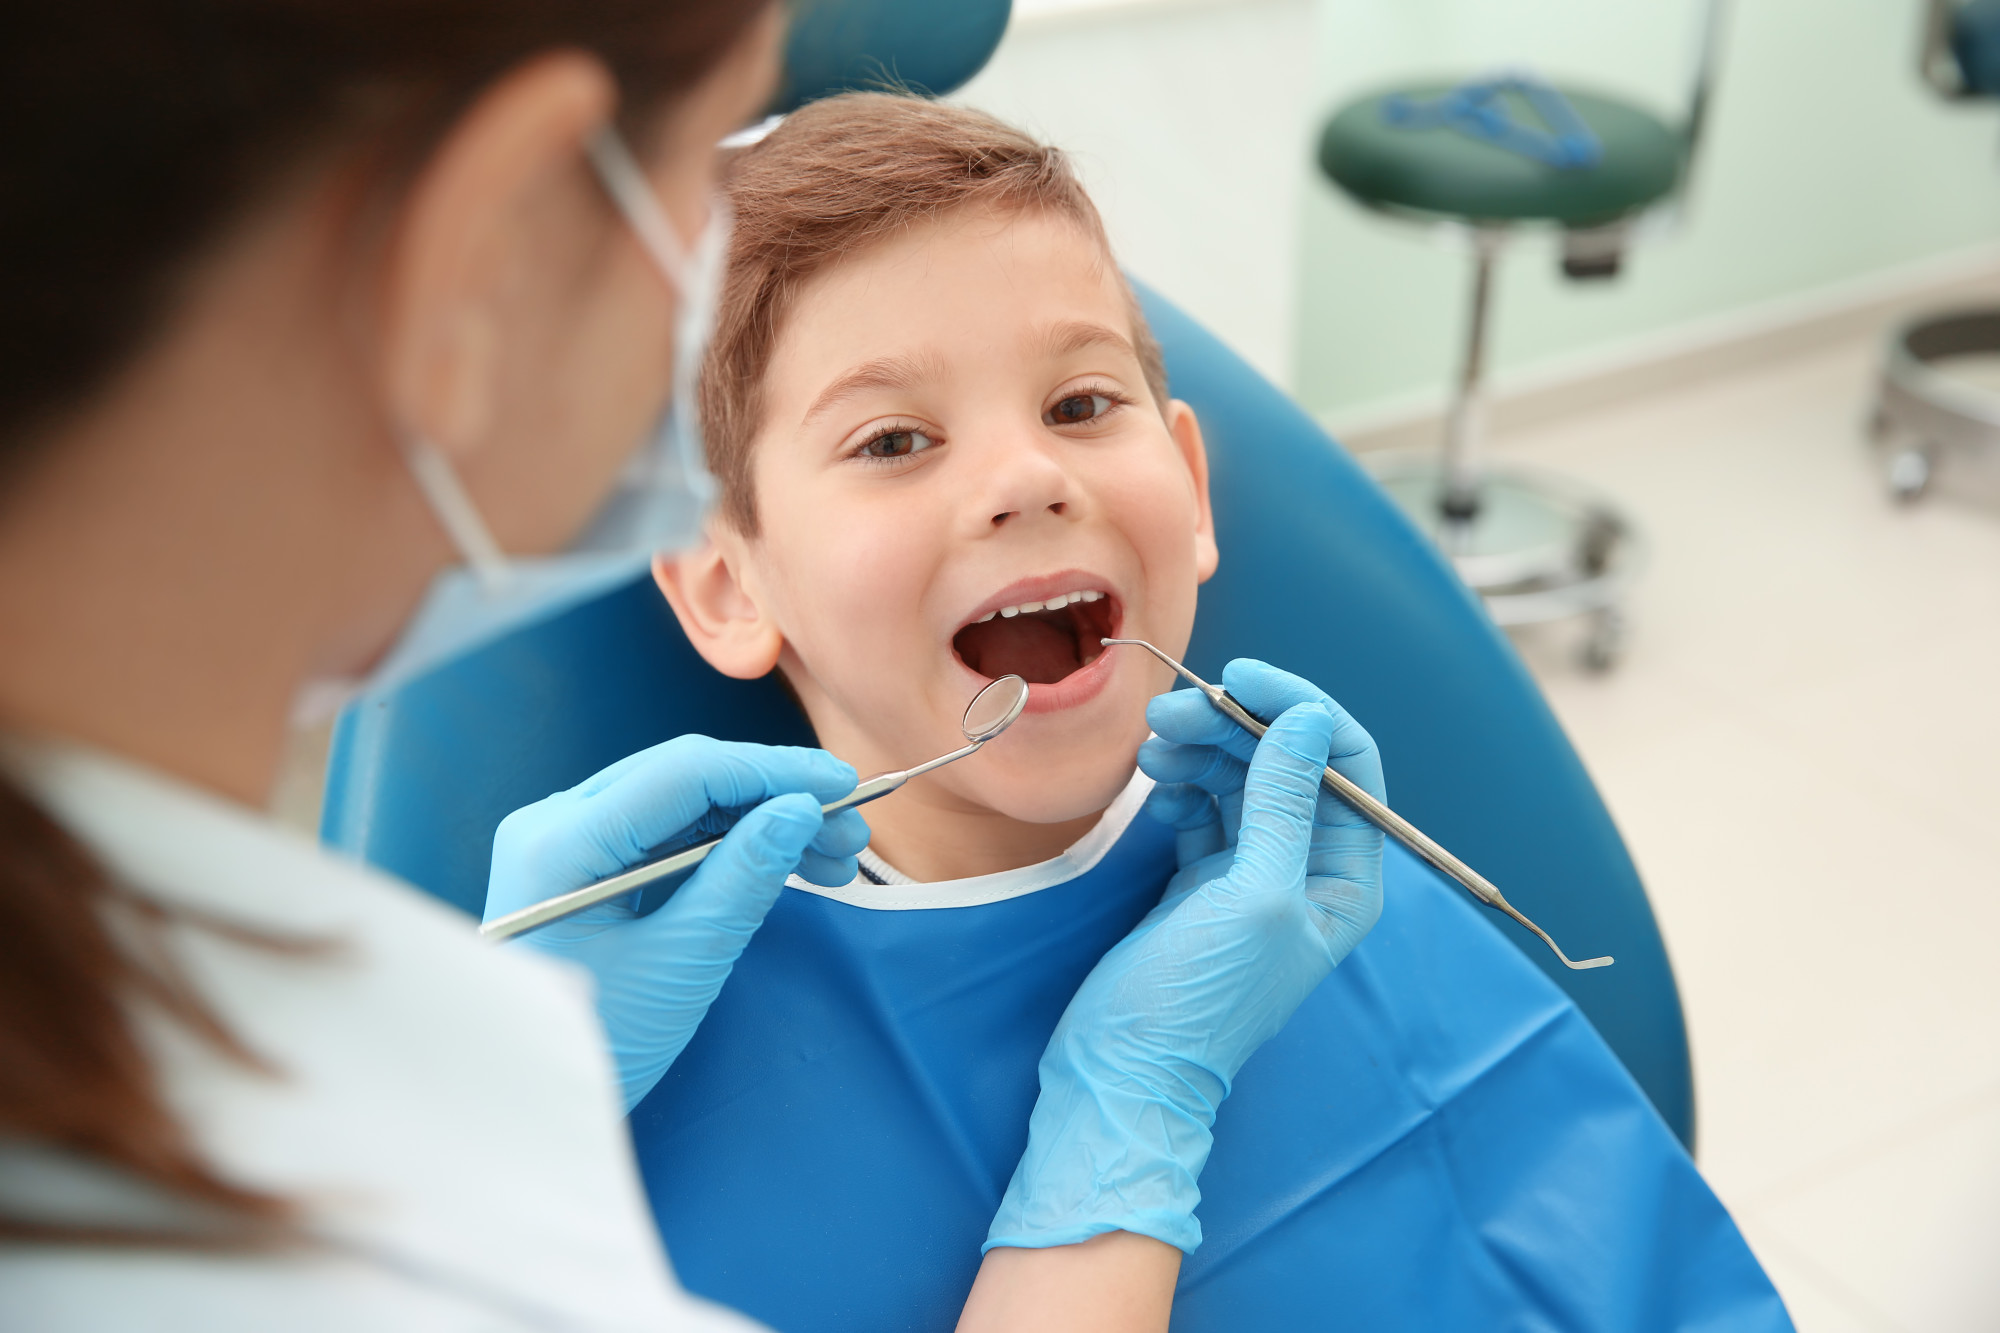 Çocuklarda parmak emme alışkanlığı diş yapısını bozuyor #1